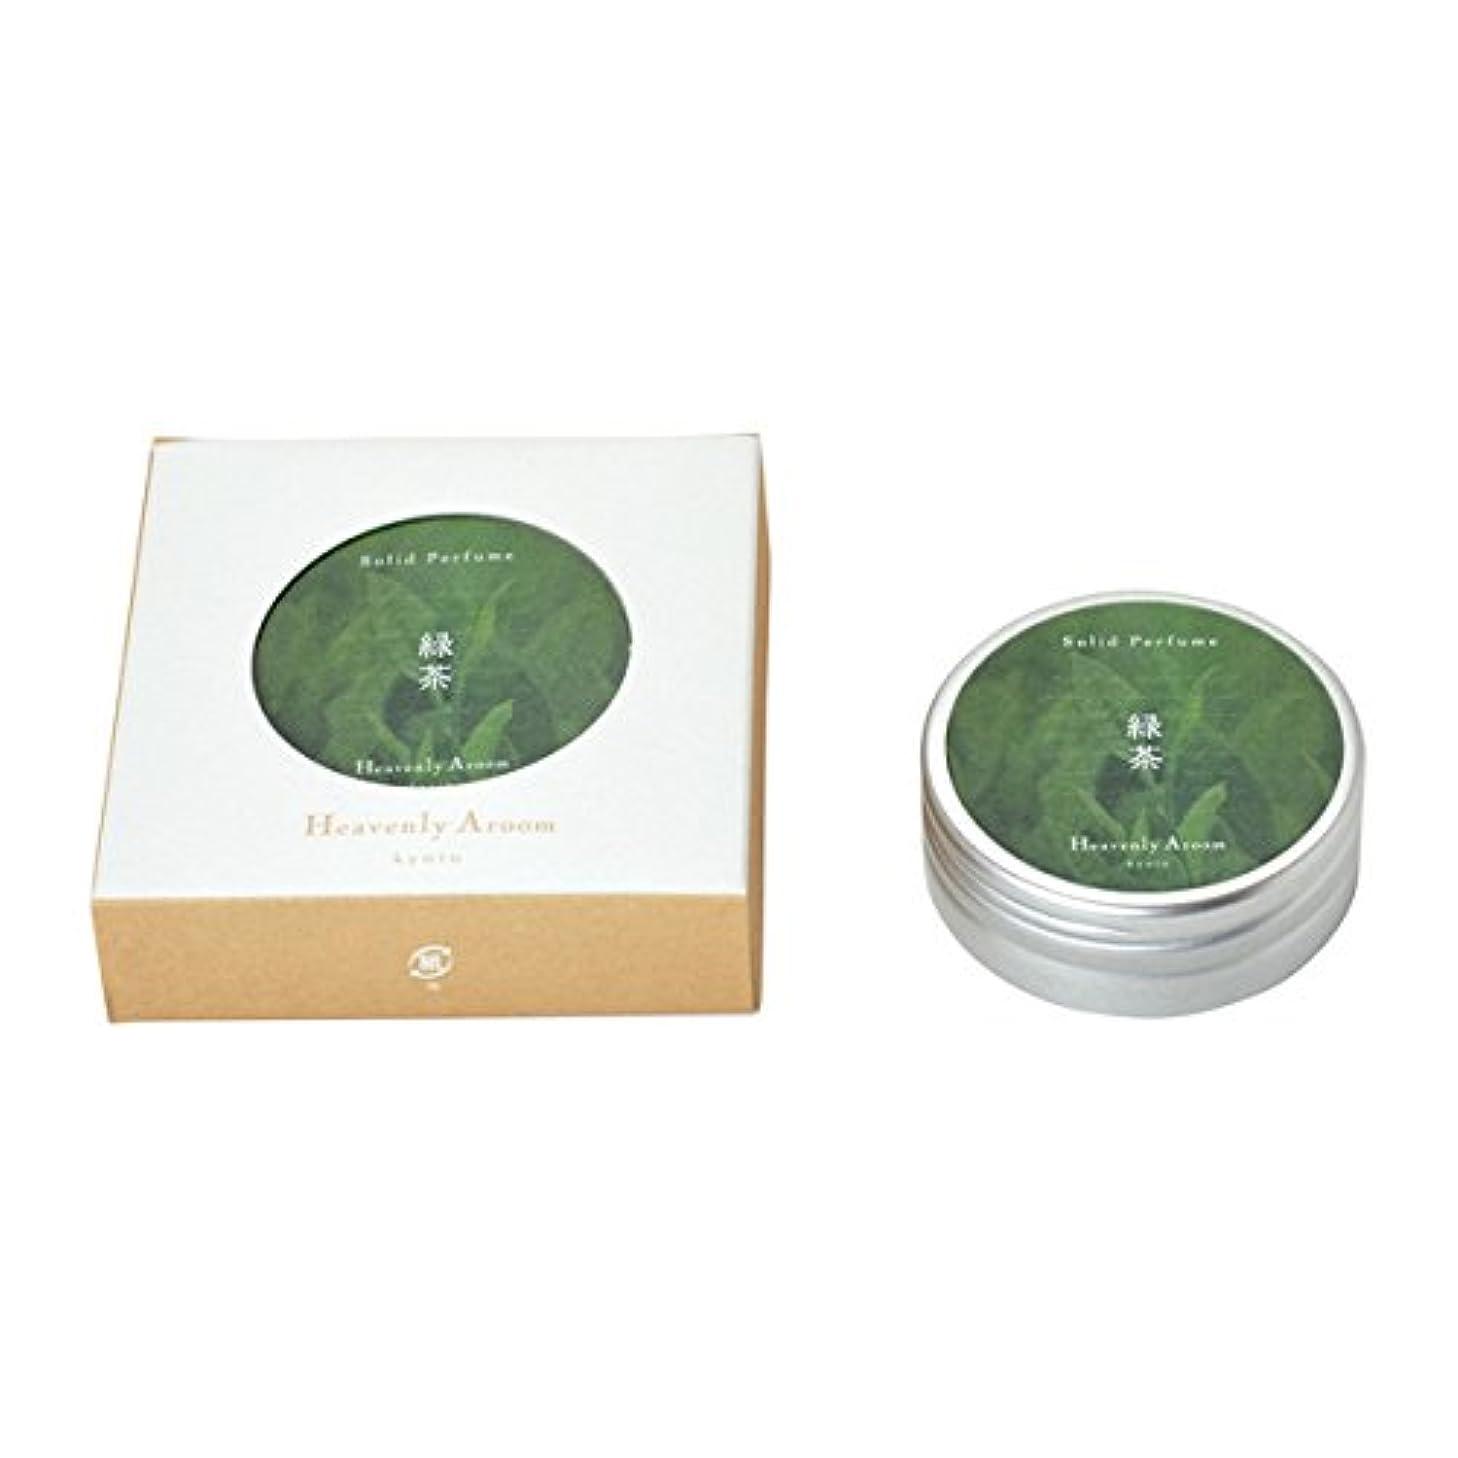 免除するだらしないアソシエイトHeavenly Aroom ソリッドパフューム 緑茶 15g